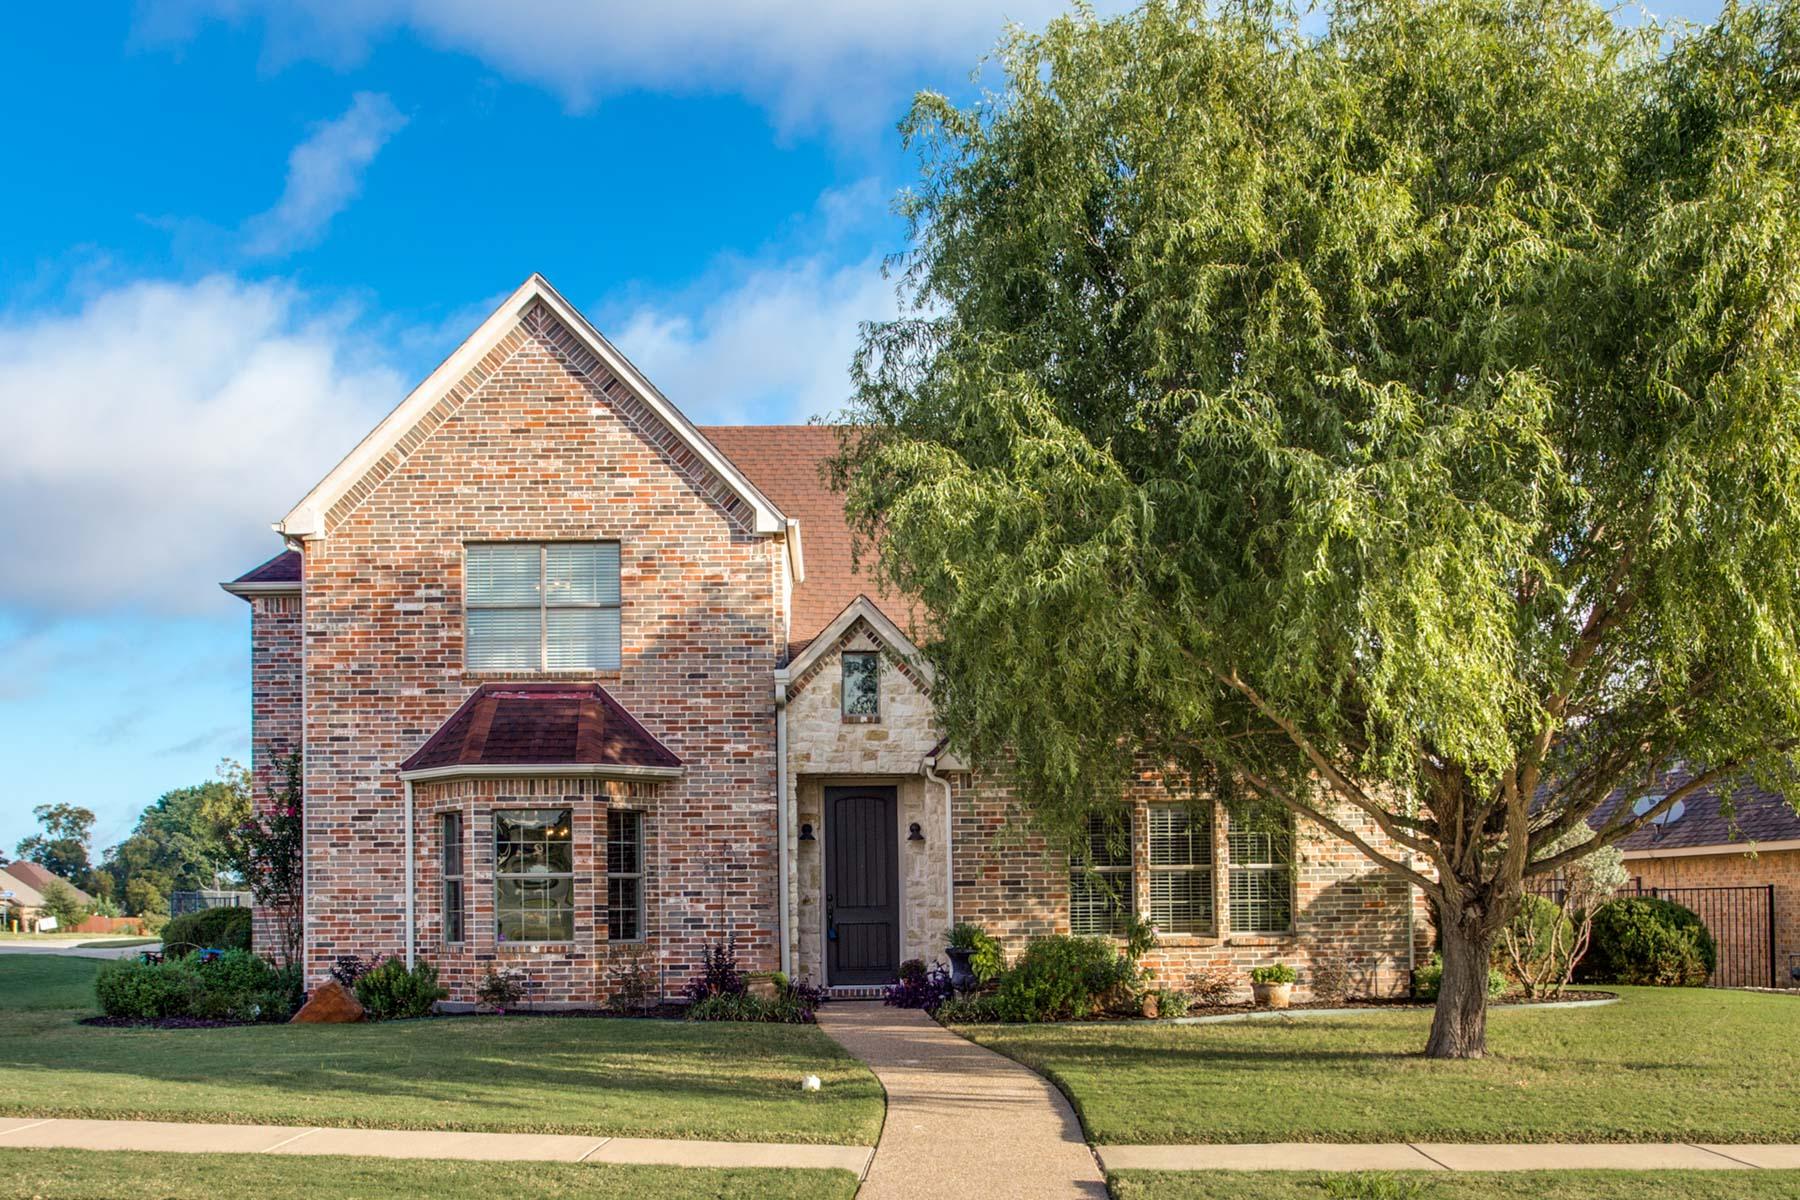 Maison unifamiliale pour l Vente à 1105 Reata Dr, Weatherford Weatherford, Texas, 76087 États-Unis